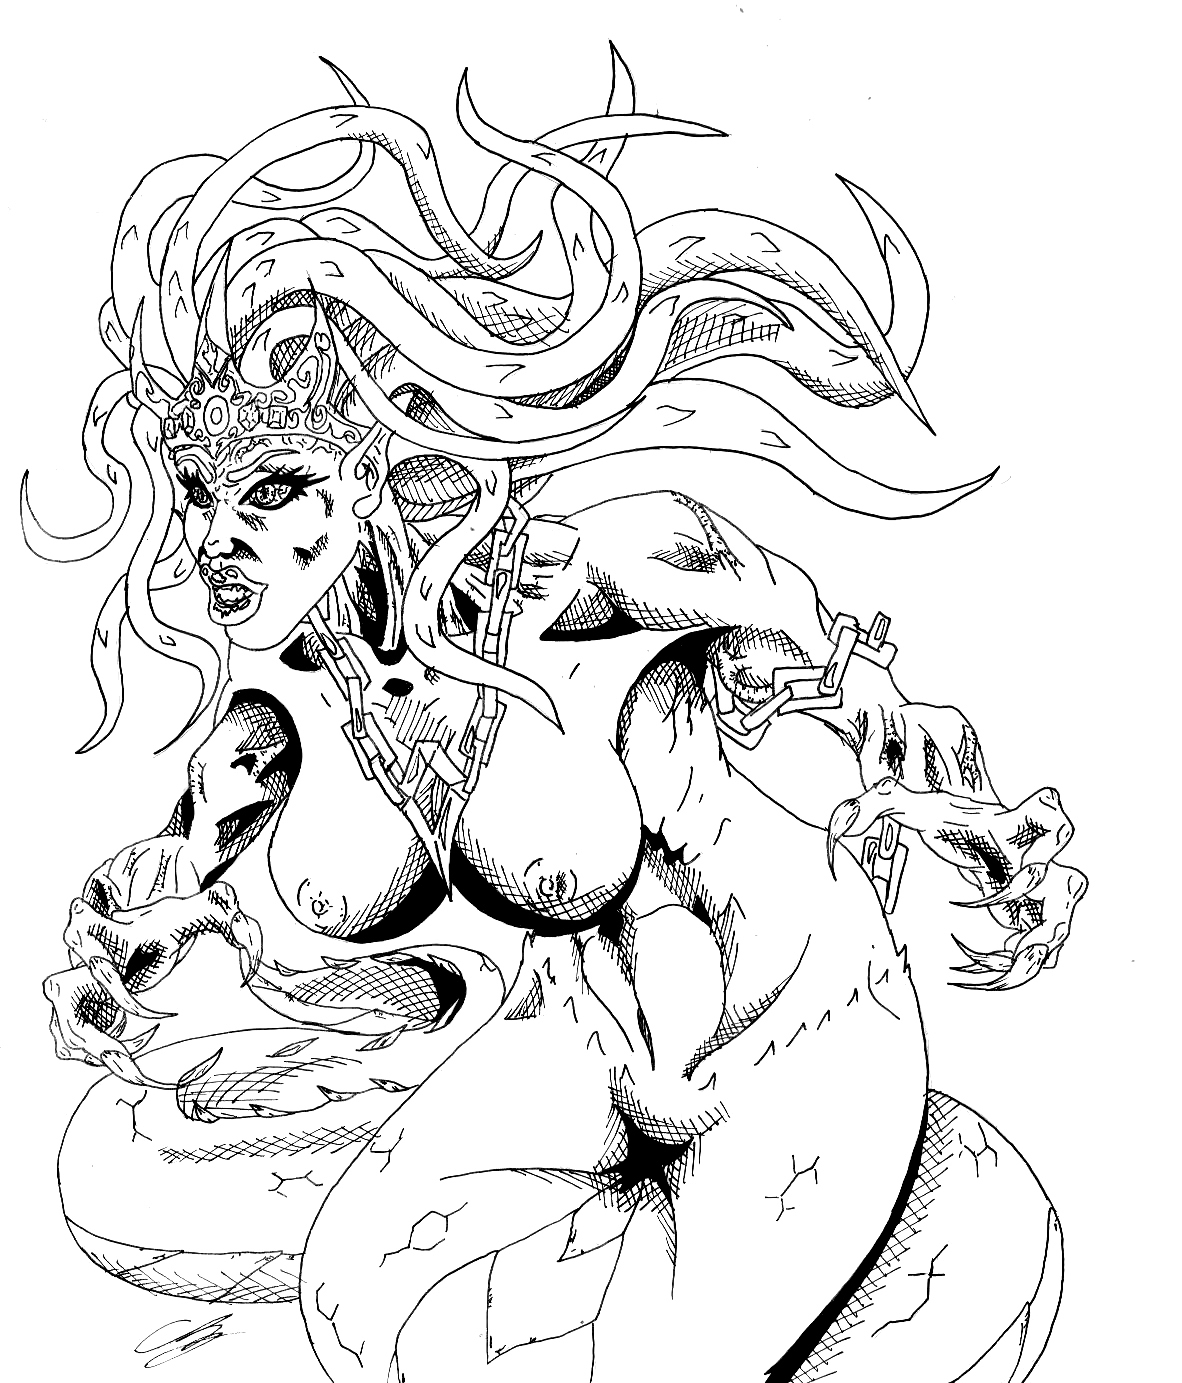 The Gorgon Queen